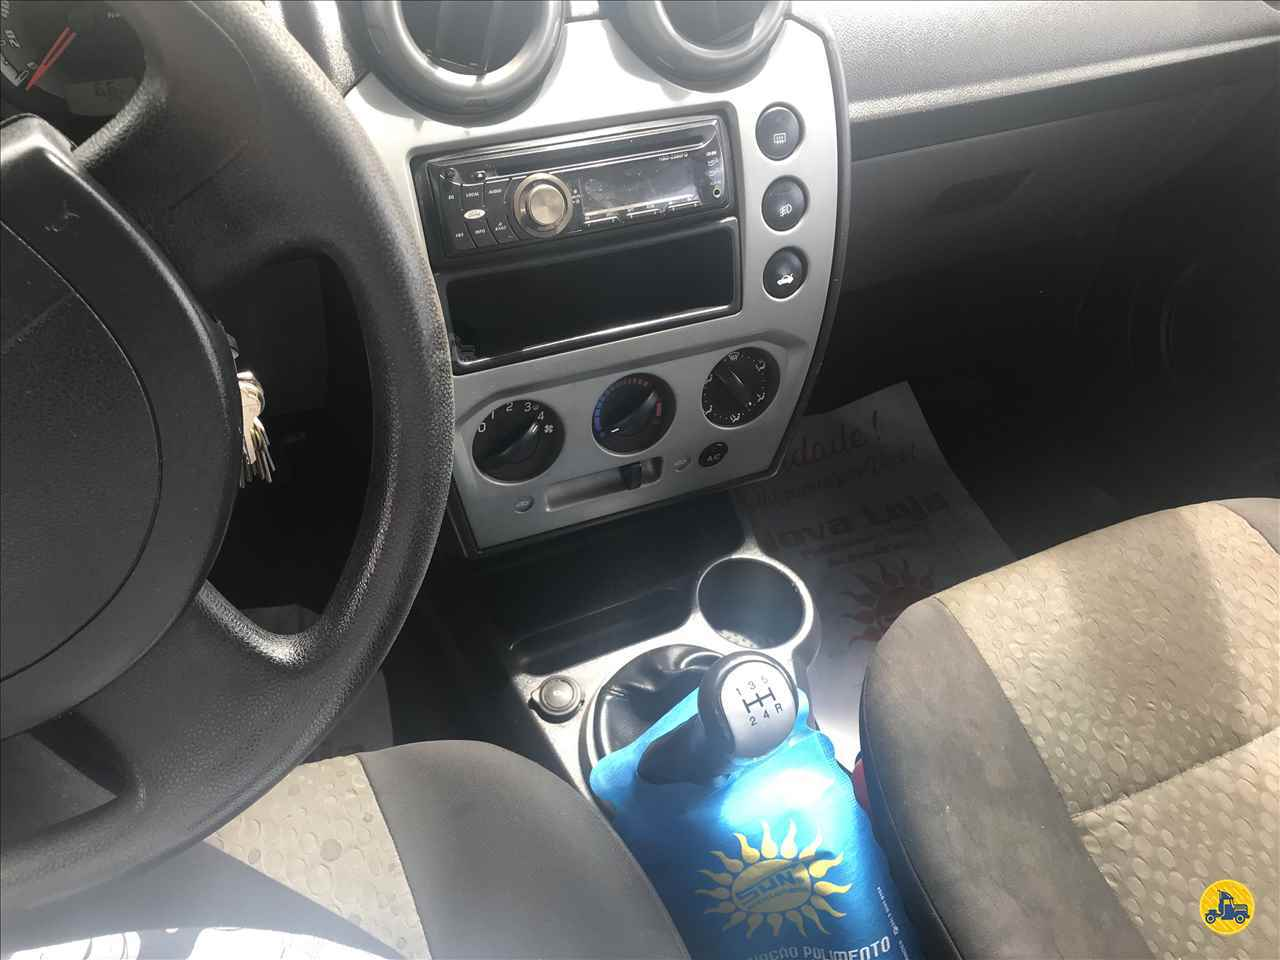 FORD Fiesta 1.6 Class  2012/2013 Geraldo Caminhões